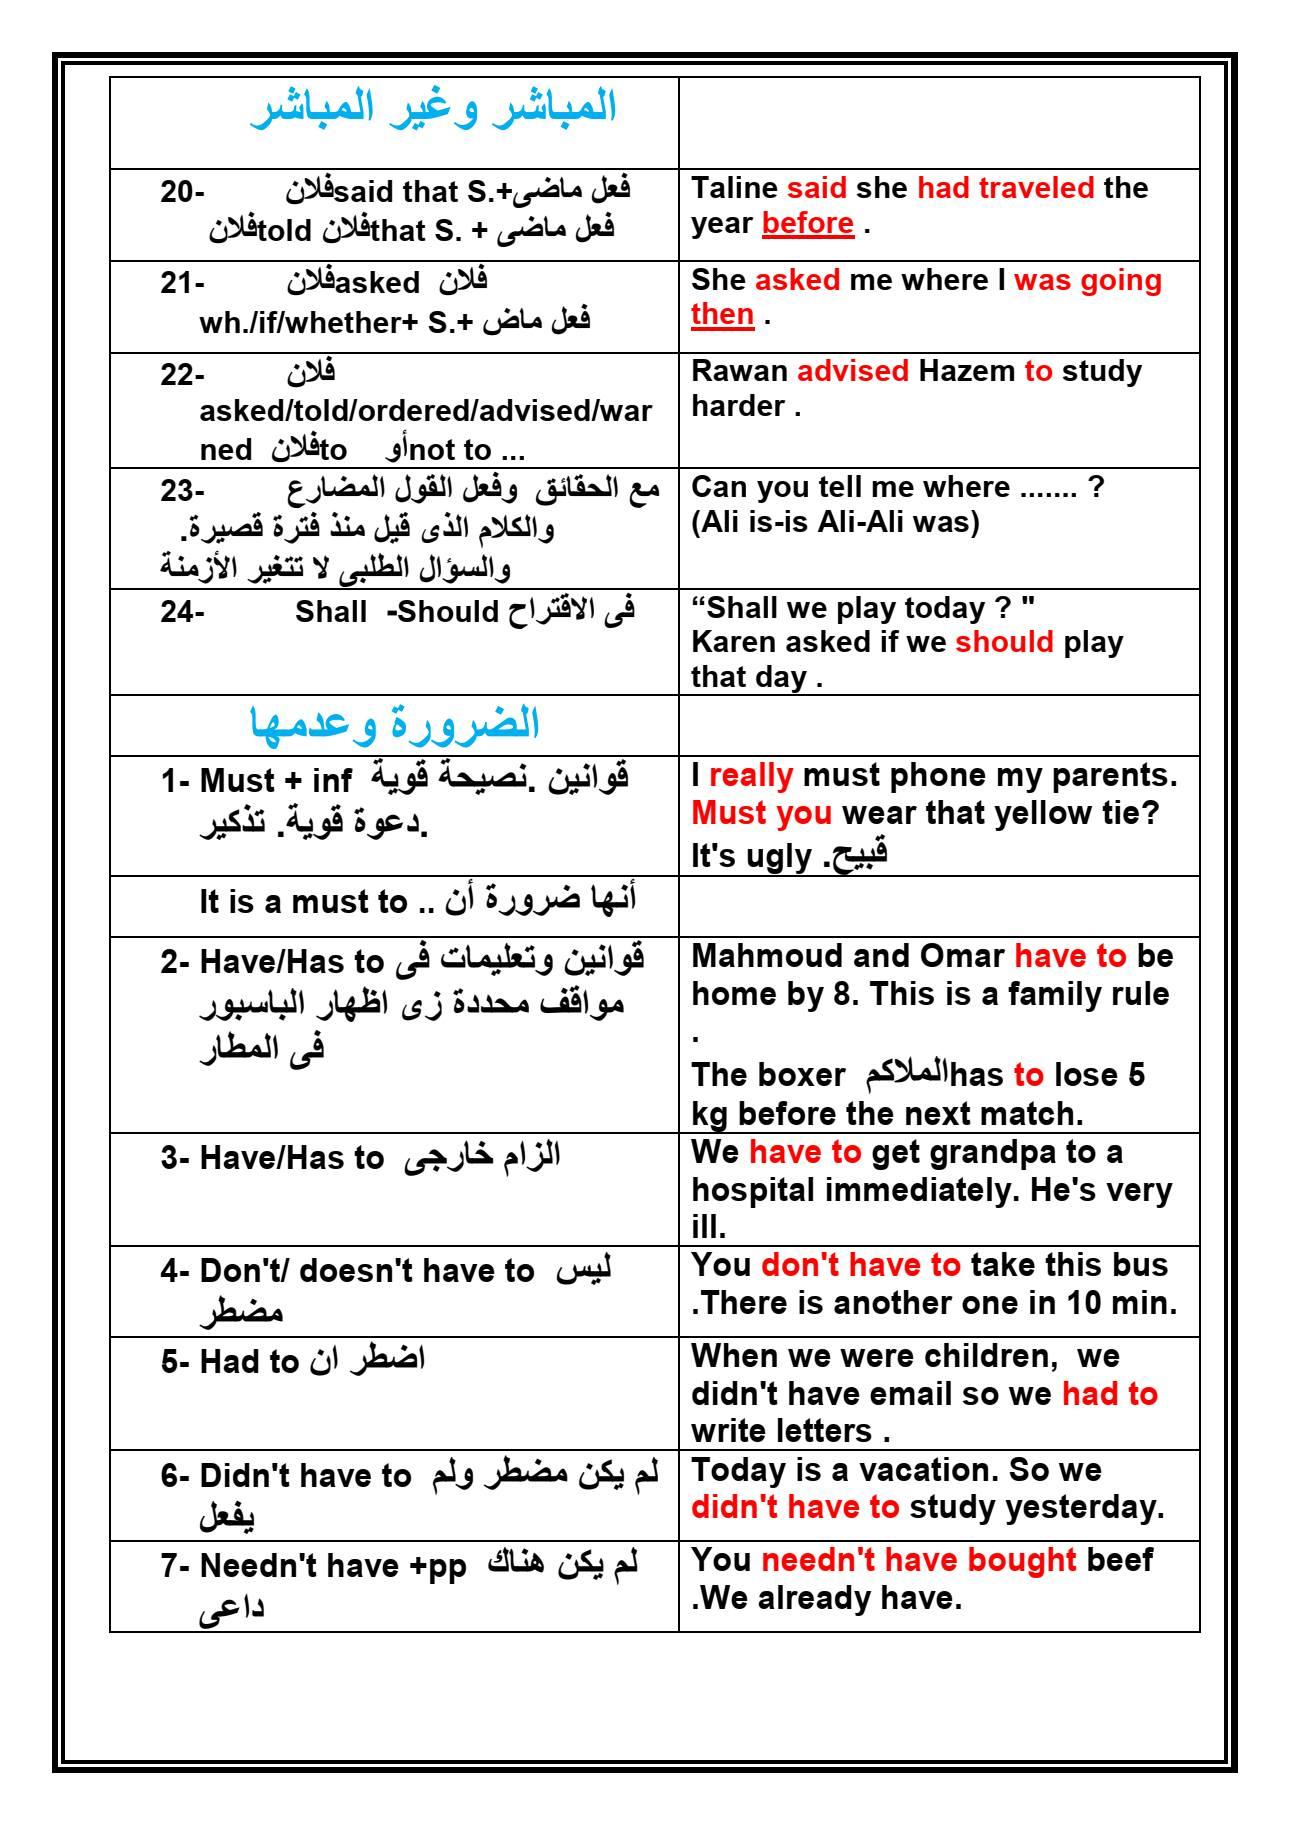 أهم قواعد اللغة الانجليزية للثانوية العامة بشكل مختلف 6